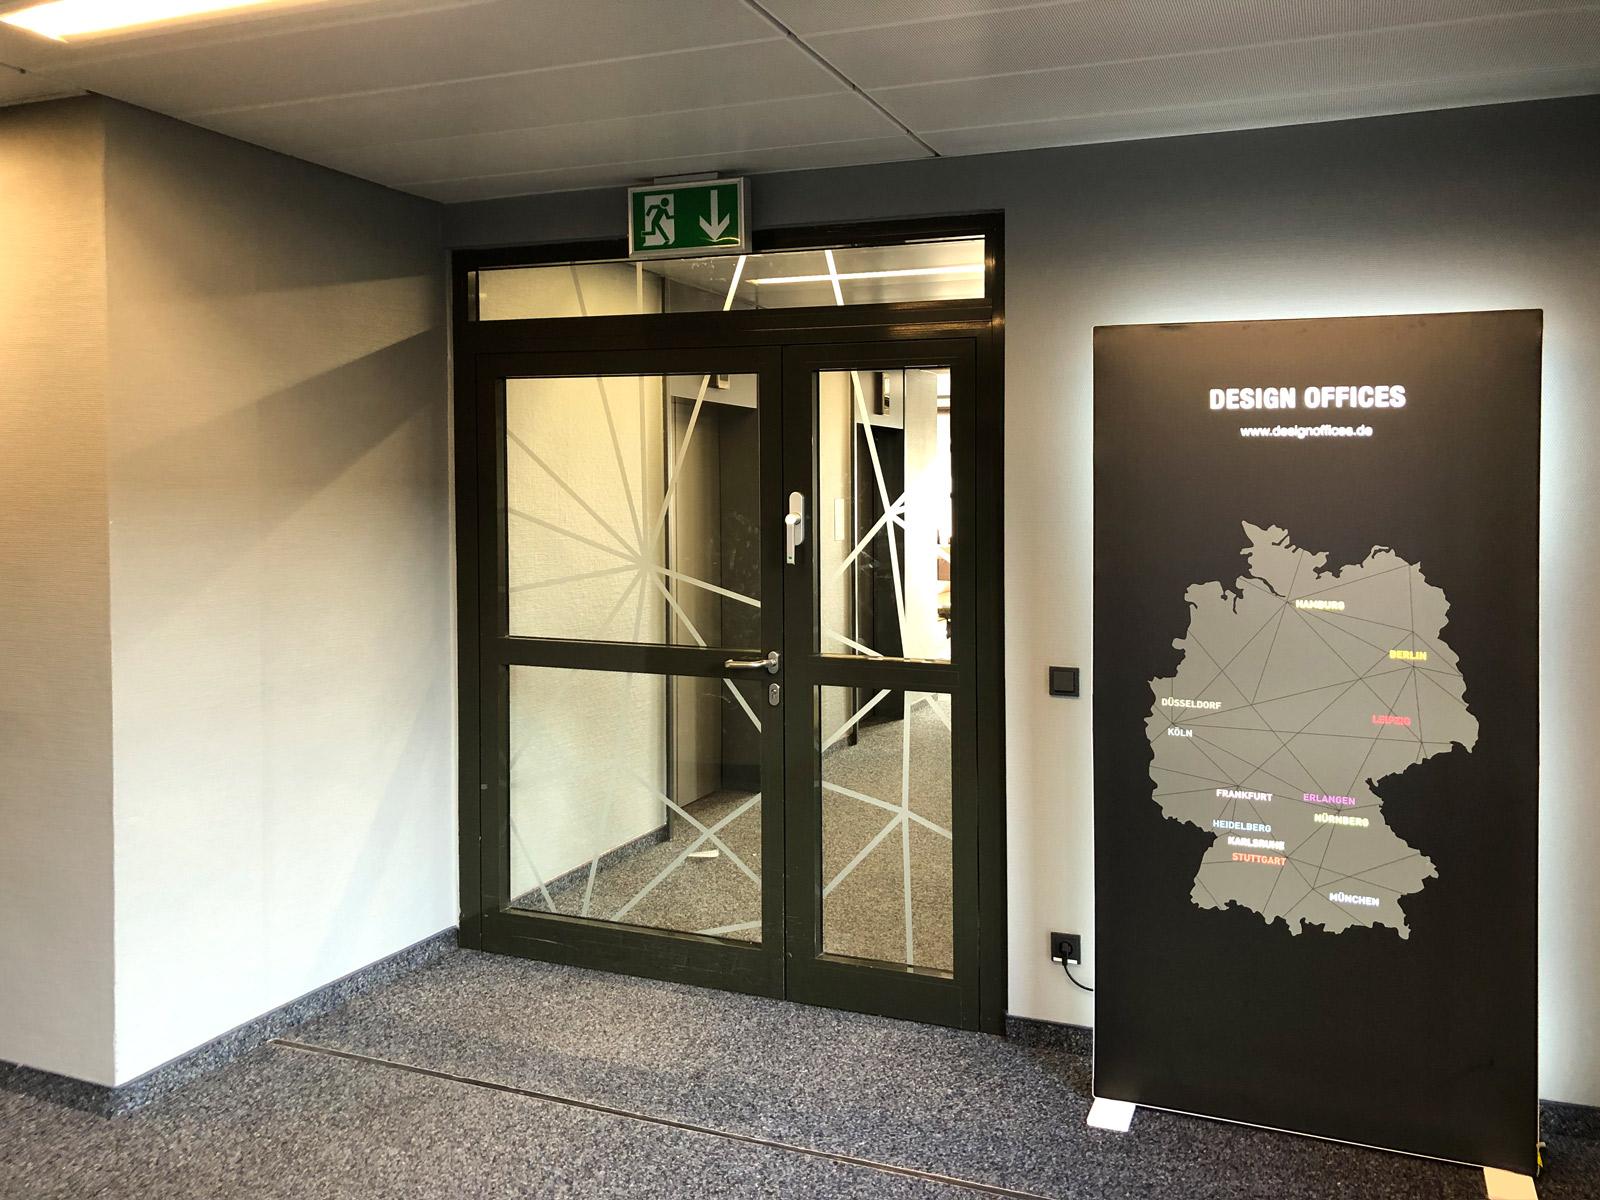 Negative Netzgrafik aus Glasdekor als Sicht- und Durchlaufschutz